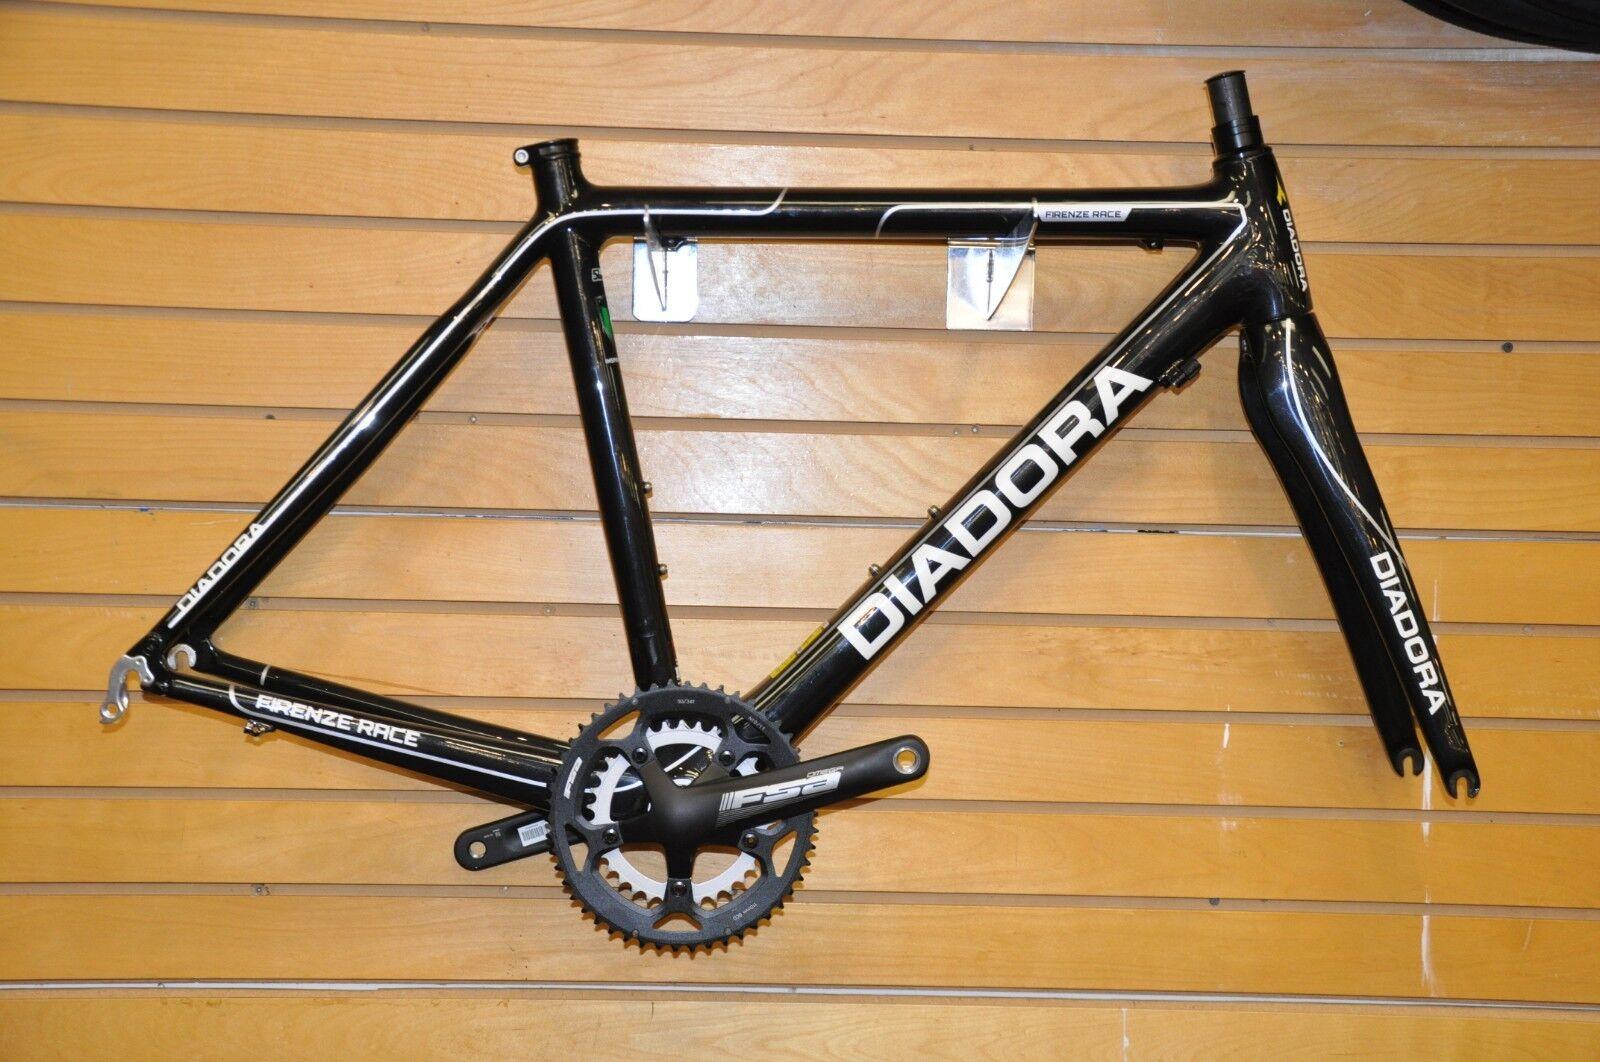 56cm Carbon Frameset with FSA Cranks